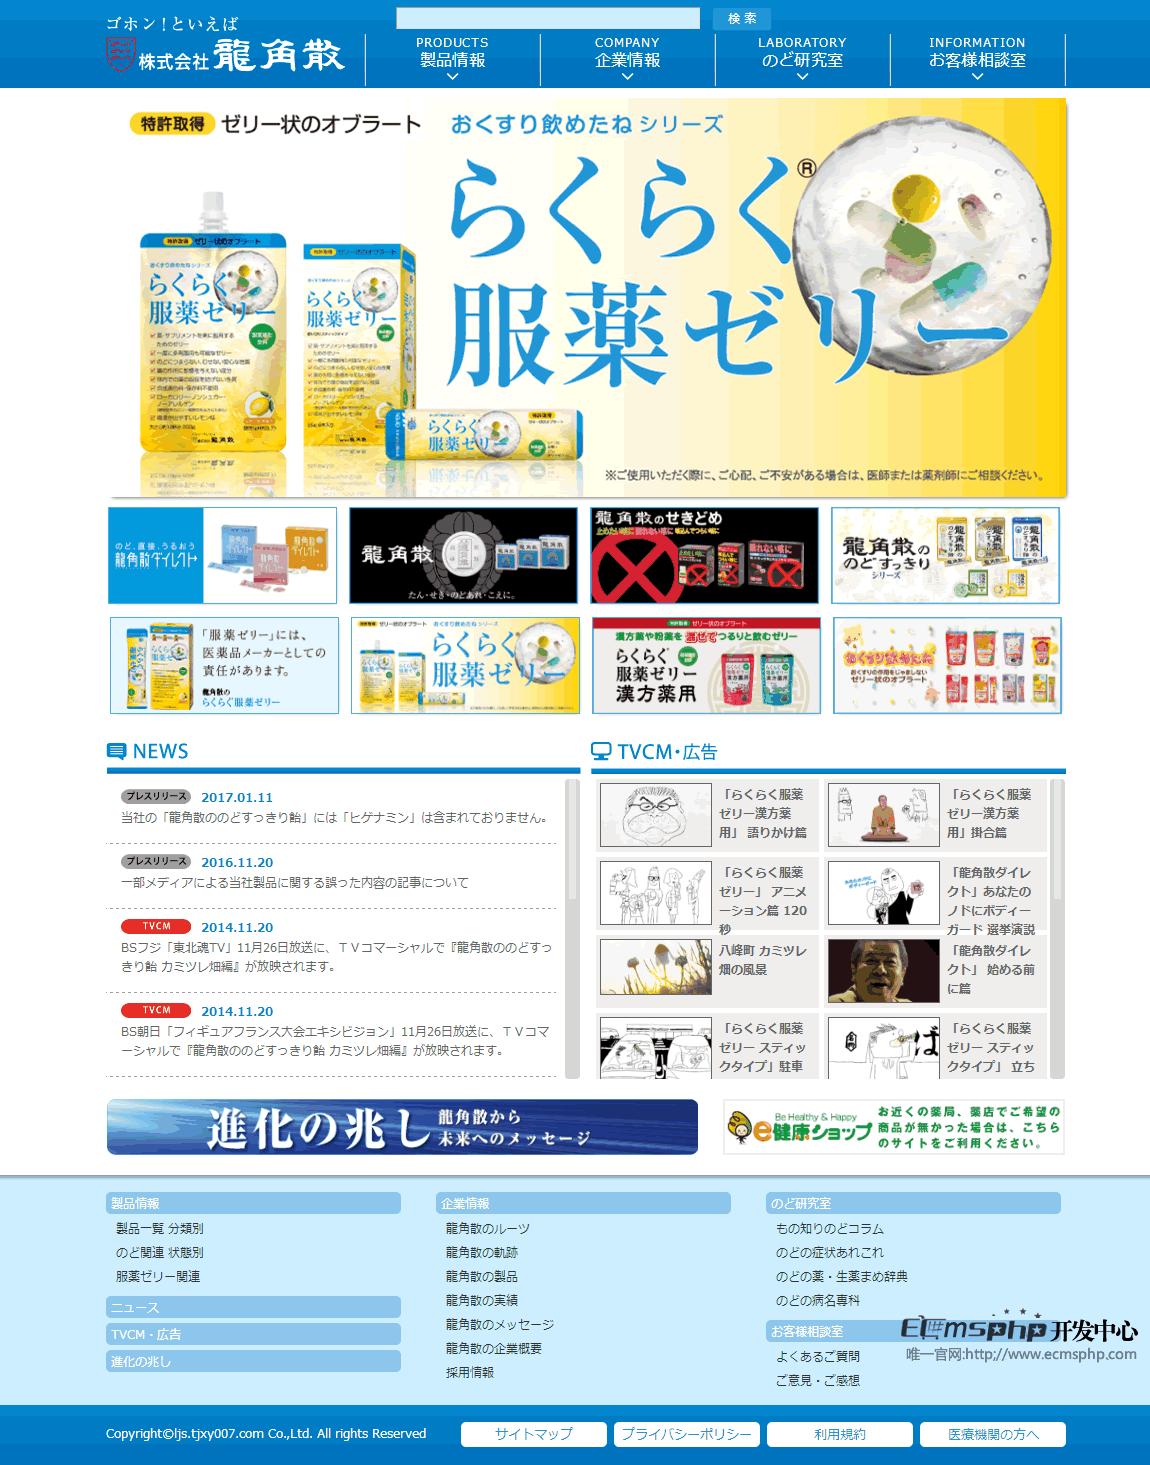 帝国cms高仿日语模板案例,帝国cms日本龙角散官网案例适用于帝国cms7.2和7.5版本